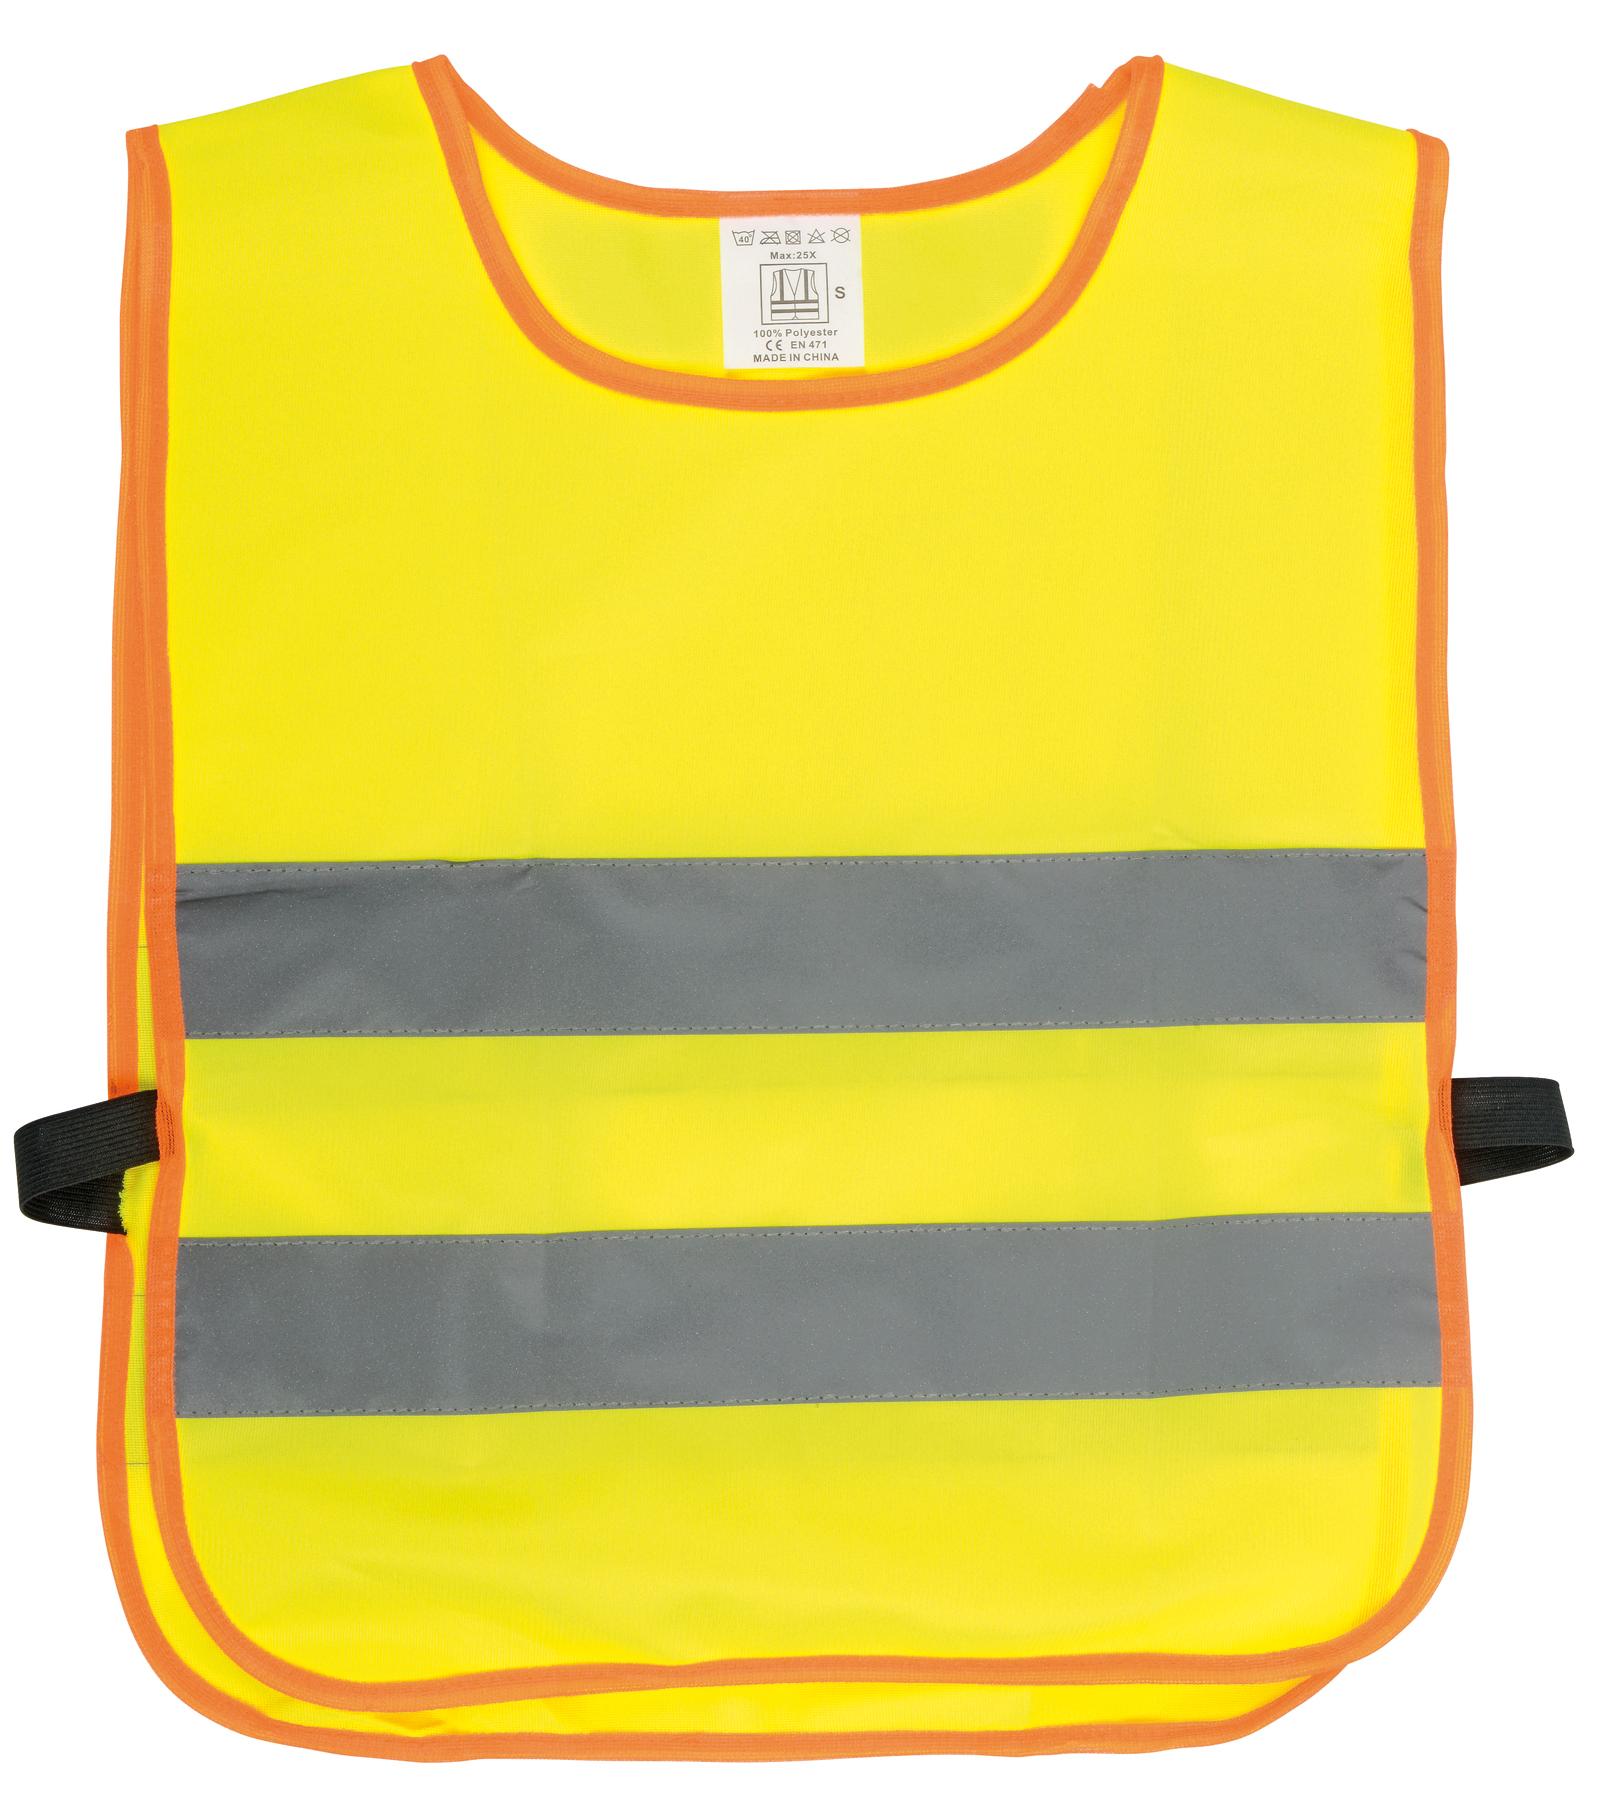 Kamizelka odblaskowa dla dzieci MINI HERO., pomarańczowy, szary, żółty